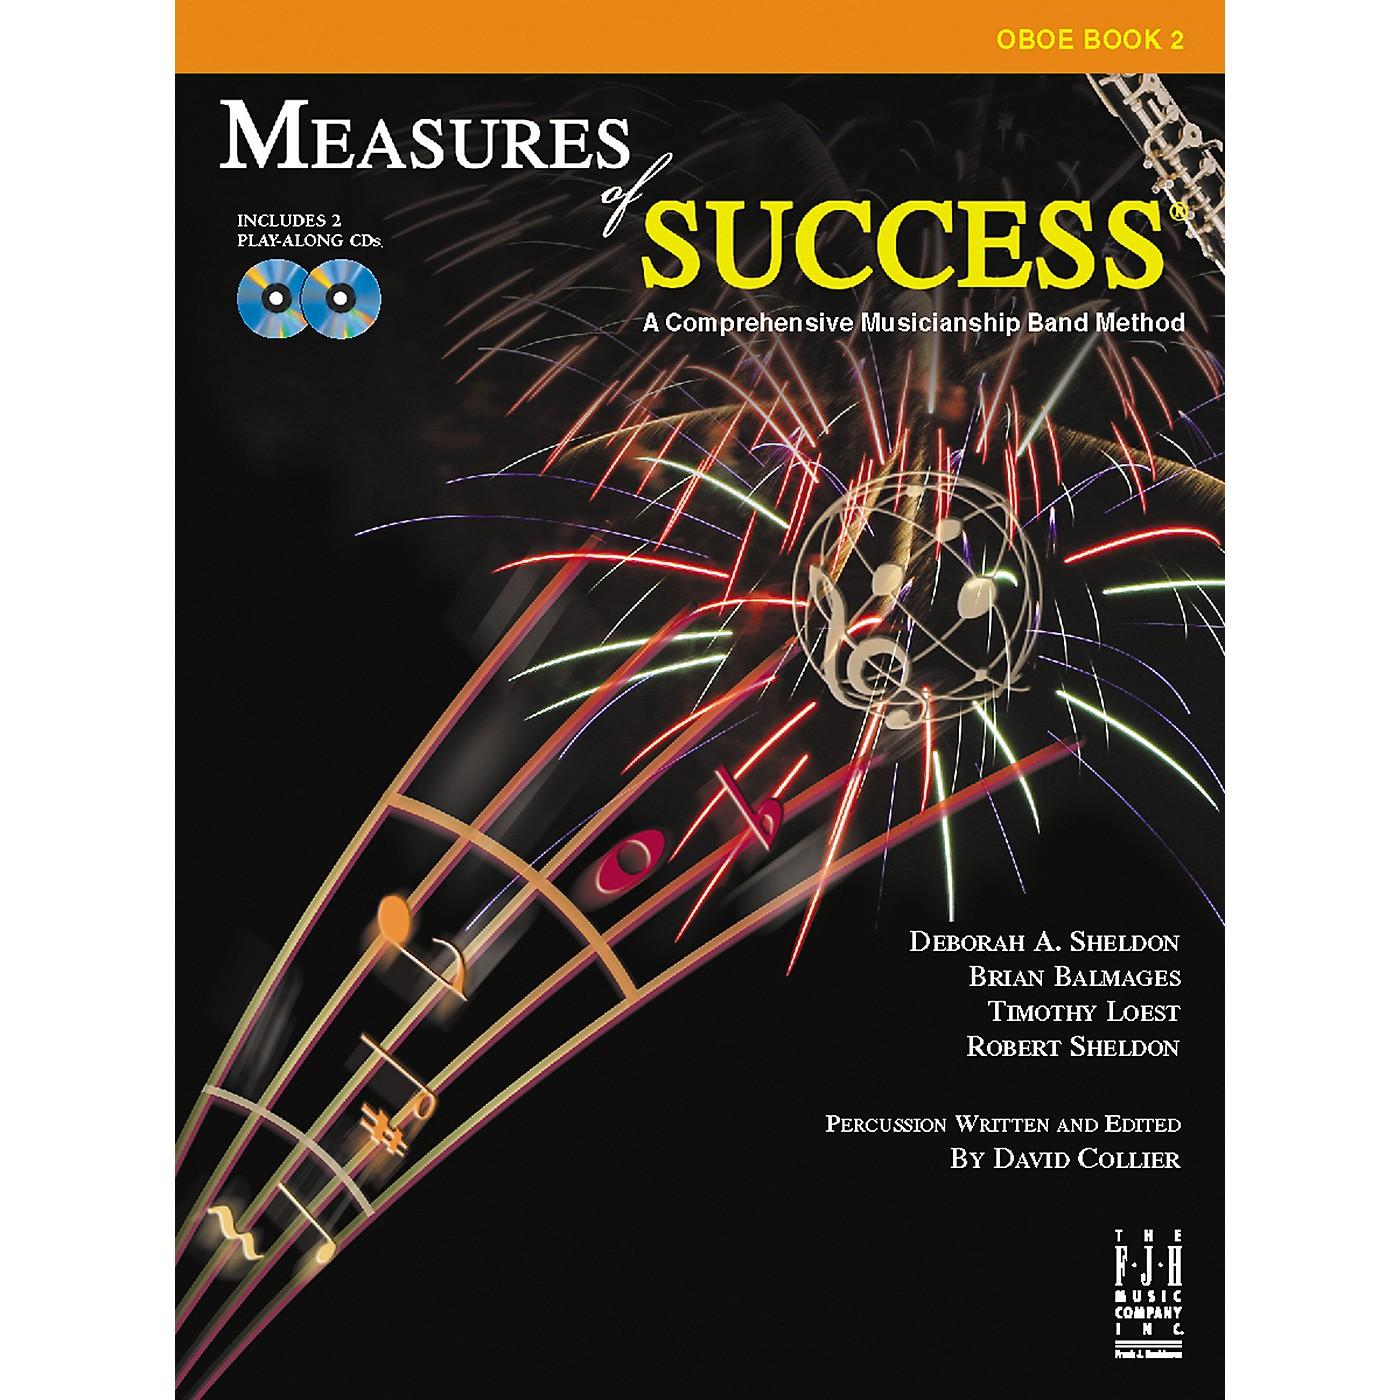 FJH Music Measures of Success Oboe Book 2 thumbnail